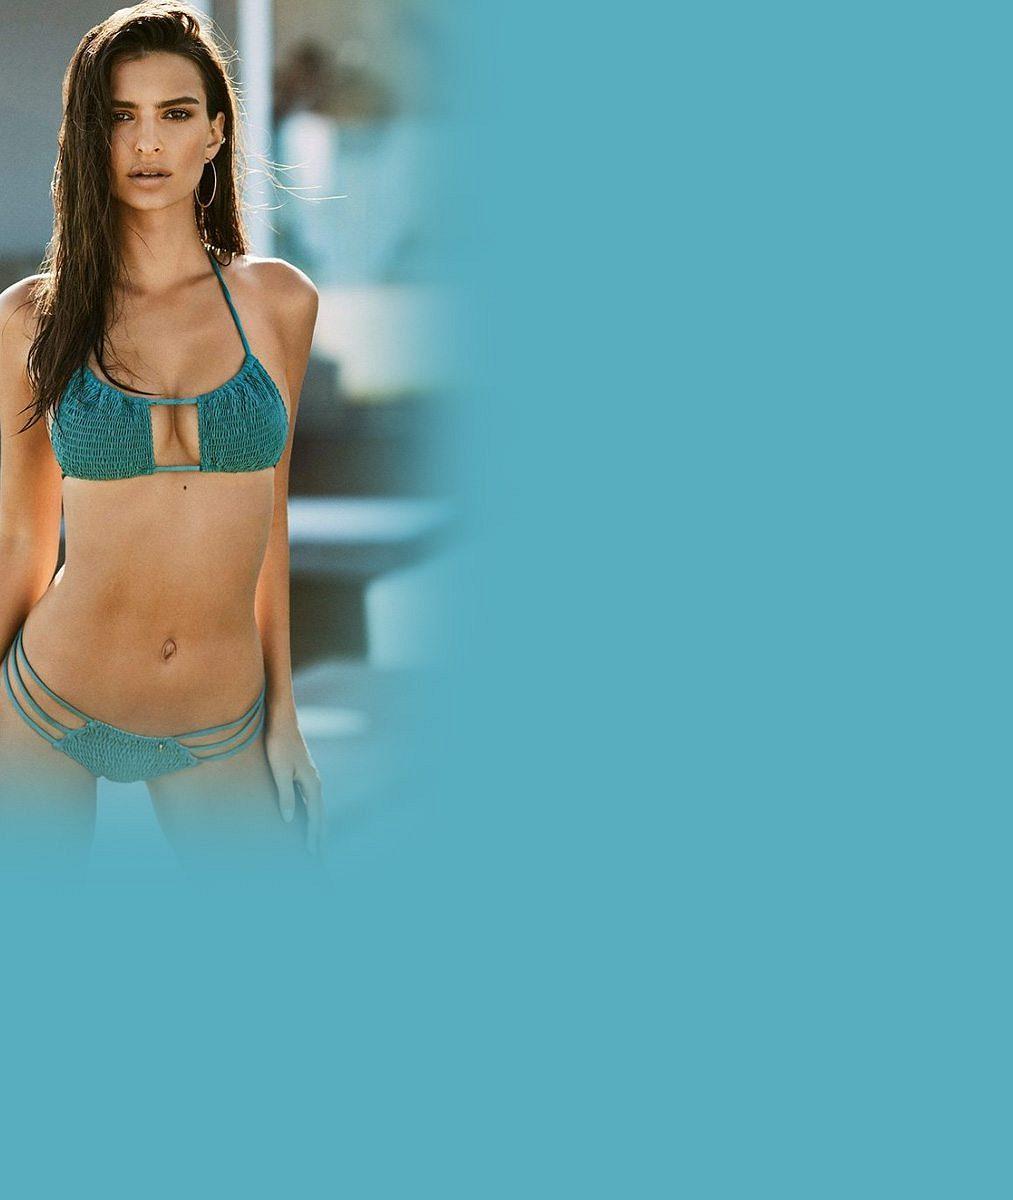 Ten pohled nikdy neomrzí: Majitelka nejkrásnějších ňader nafotila novou kolekci plavek